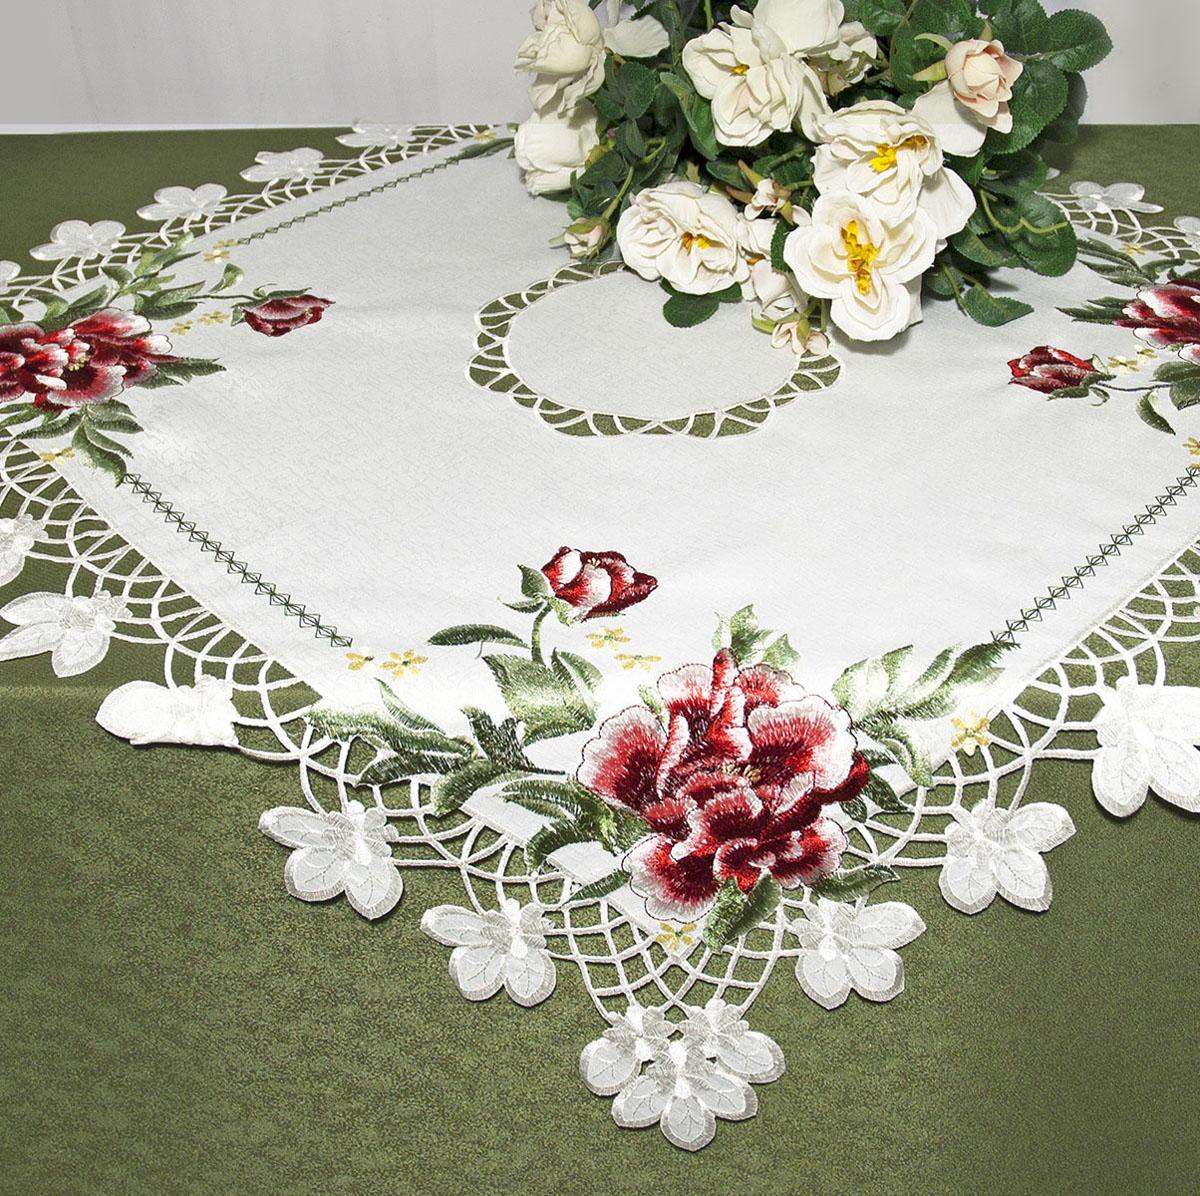 Скатерть Schaefer, квадратная, цвет: белый, 85x 85 см. 07481-10007481-100Скатерть Schaefer изготовлена из полиэстера и украшена цветочной вышивкой. Края изделия оформлены в технике ришелье.Изделия из полиэстера легко стирать: они не мнутся, не садятся и быстро сохнут, они более долговечны, чем изделия из натуральных волокон. Кроме того, ткань обладает водоотталкивающими свойствами. Такая скатерть будет просто не заменима на кухне, а особенно на вашем обеденном столе на даче под открытым небом. Скатерть Schaefer не останется без внимания ваших гостей, а вас будет ежедневно радовать ярким дизайном и несравненным качеством.Немецкая компания Schaefer создана в 1921 году. На протяжении всего времени существования она создает уникальные коллекции домашнего текстиля для гостиных, спален, кухонь и ванных комнат. Дизайнерские идеи немецких художников компании Schaefer воплощаются в текстильных изделиях, которые сделают ваш дом красивее и уютнее и не останутся незамеченными вашими гостями. Дарите себе и близким красоту каждый день! Изысканный текстиль от немецкой компании Schaefer - это красота, стиль и уют в вашем доме.